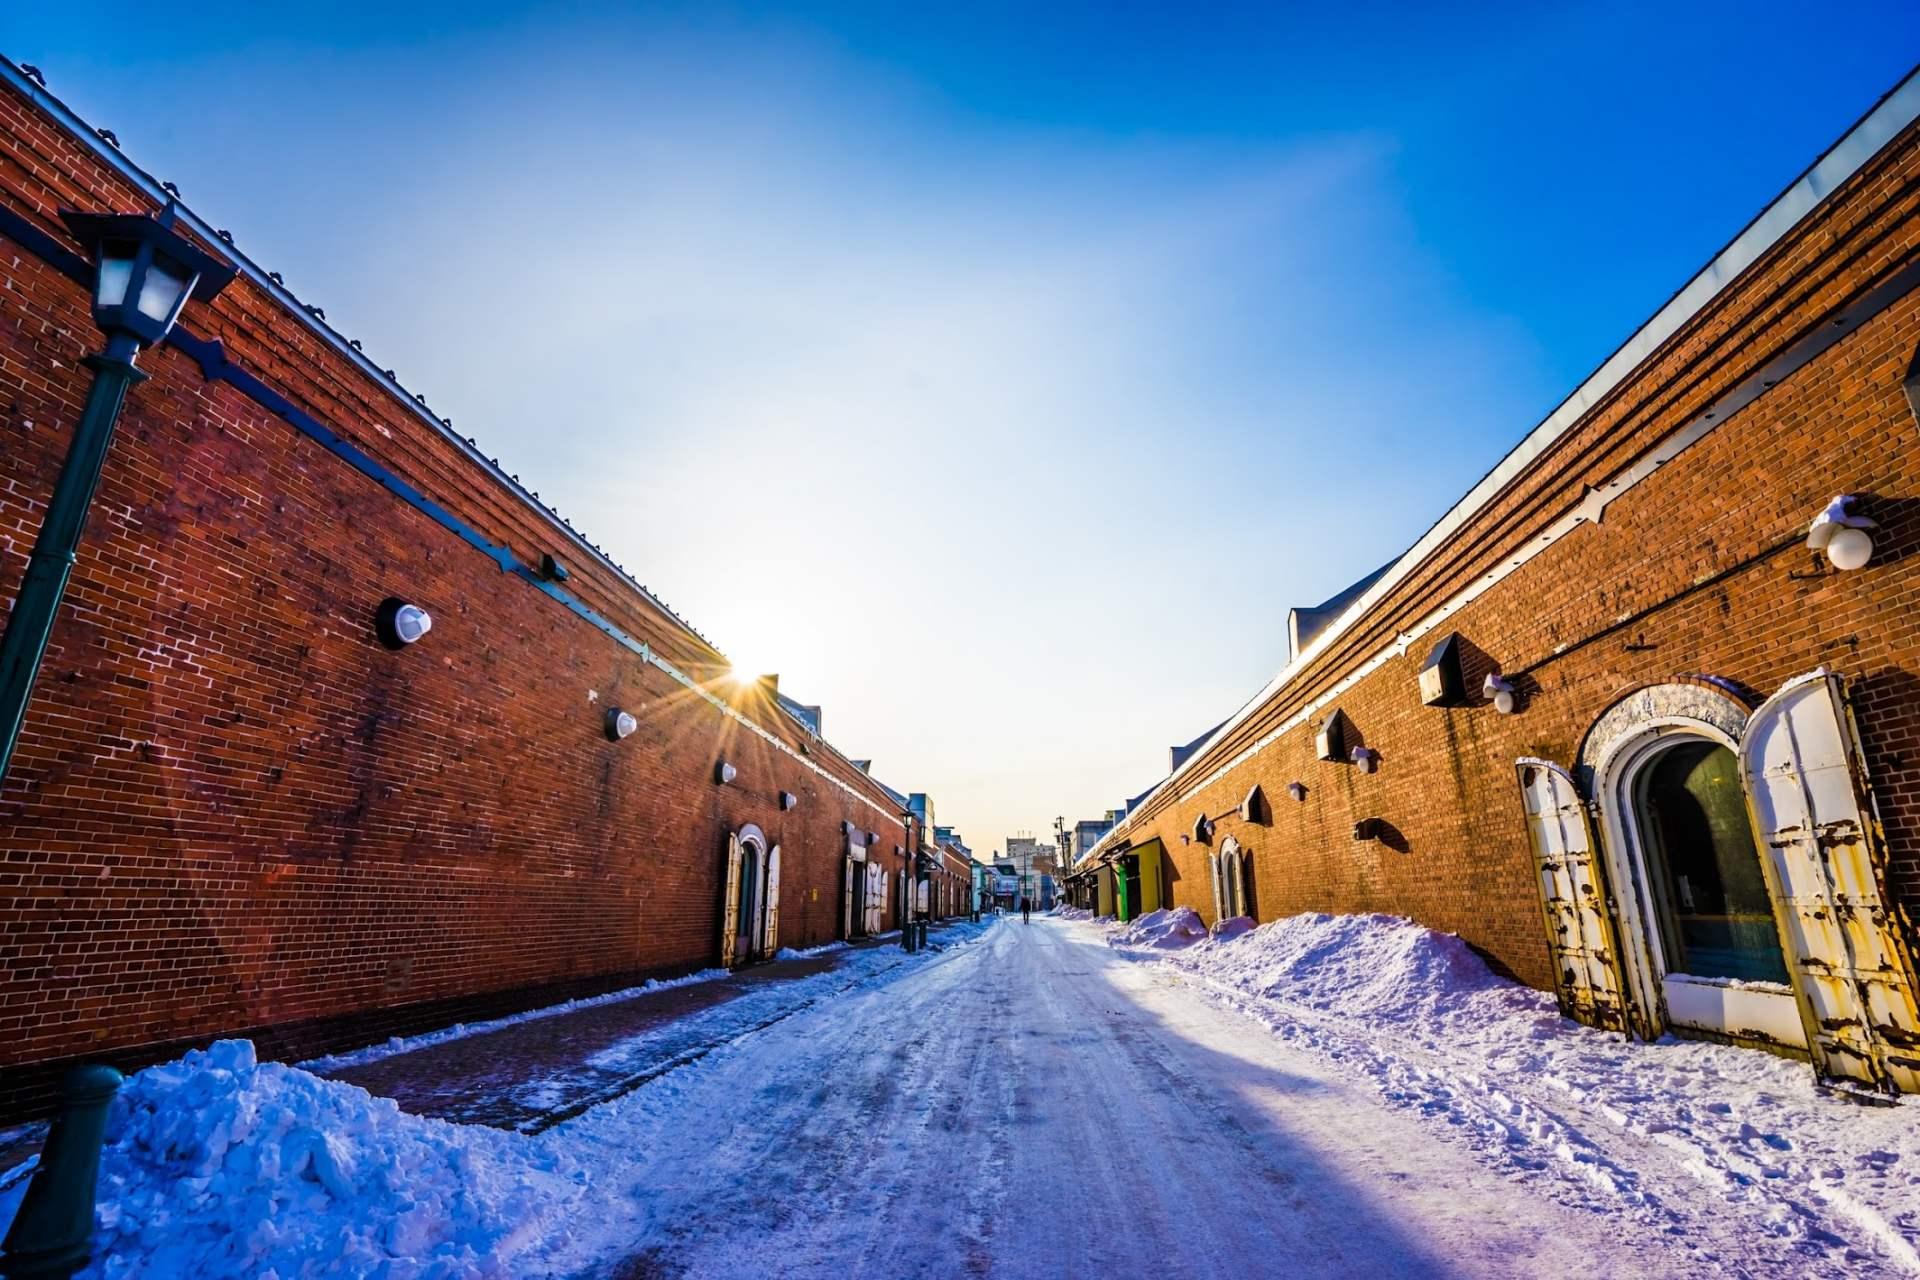 Around Kanemori Red Brick Warehouse